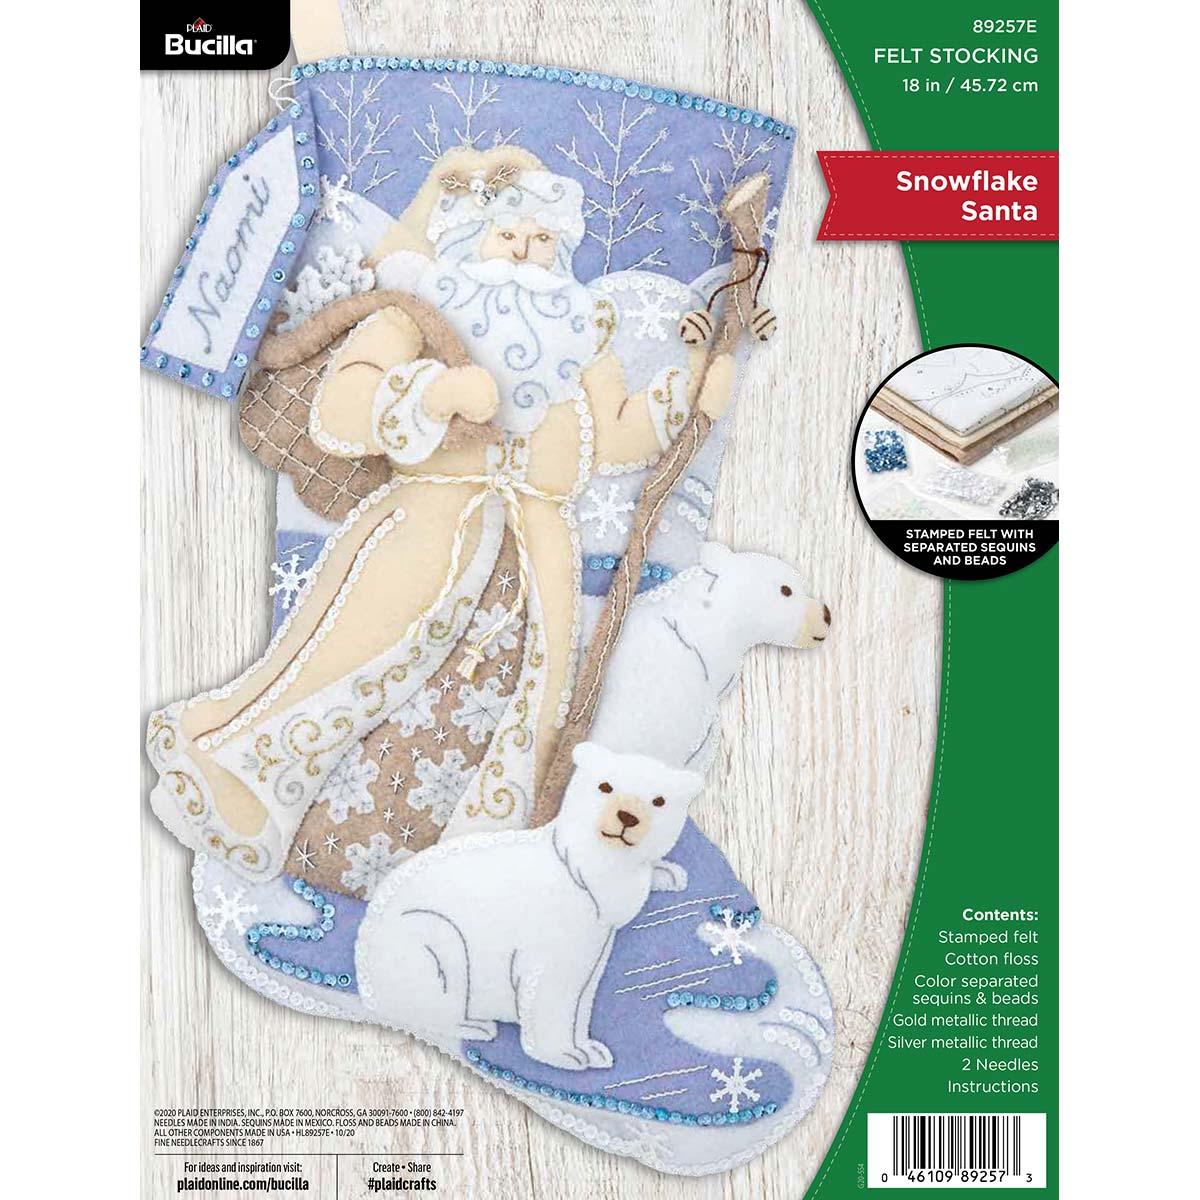 Bucilla ® Seasonal - Felt - Stocking Kits - Snowflake Santa - 89257E